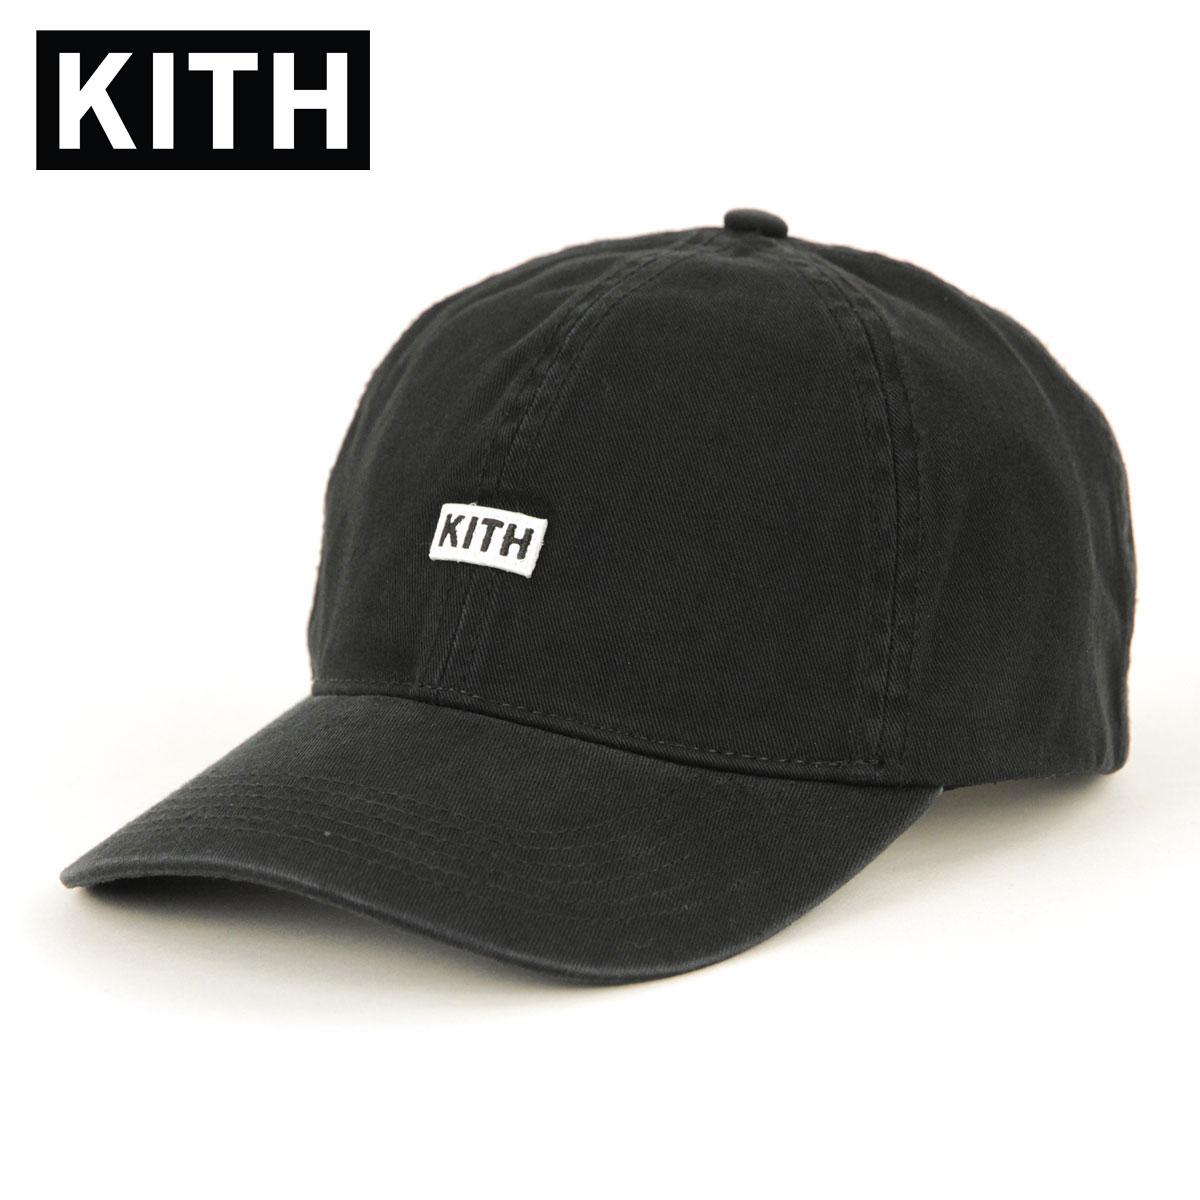 キス キャップ メンズ 正規品 KITH 帽子 KITH BL TWILL CAP KH5774-100 BLACK 父の日